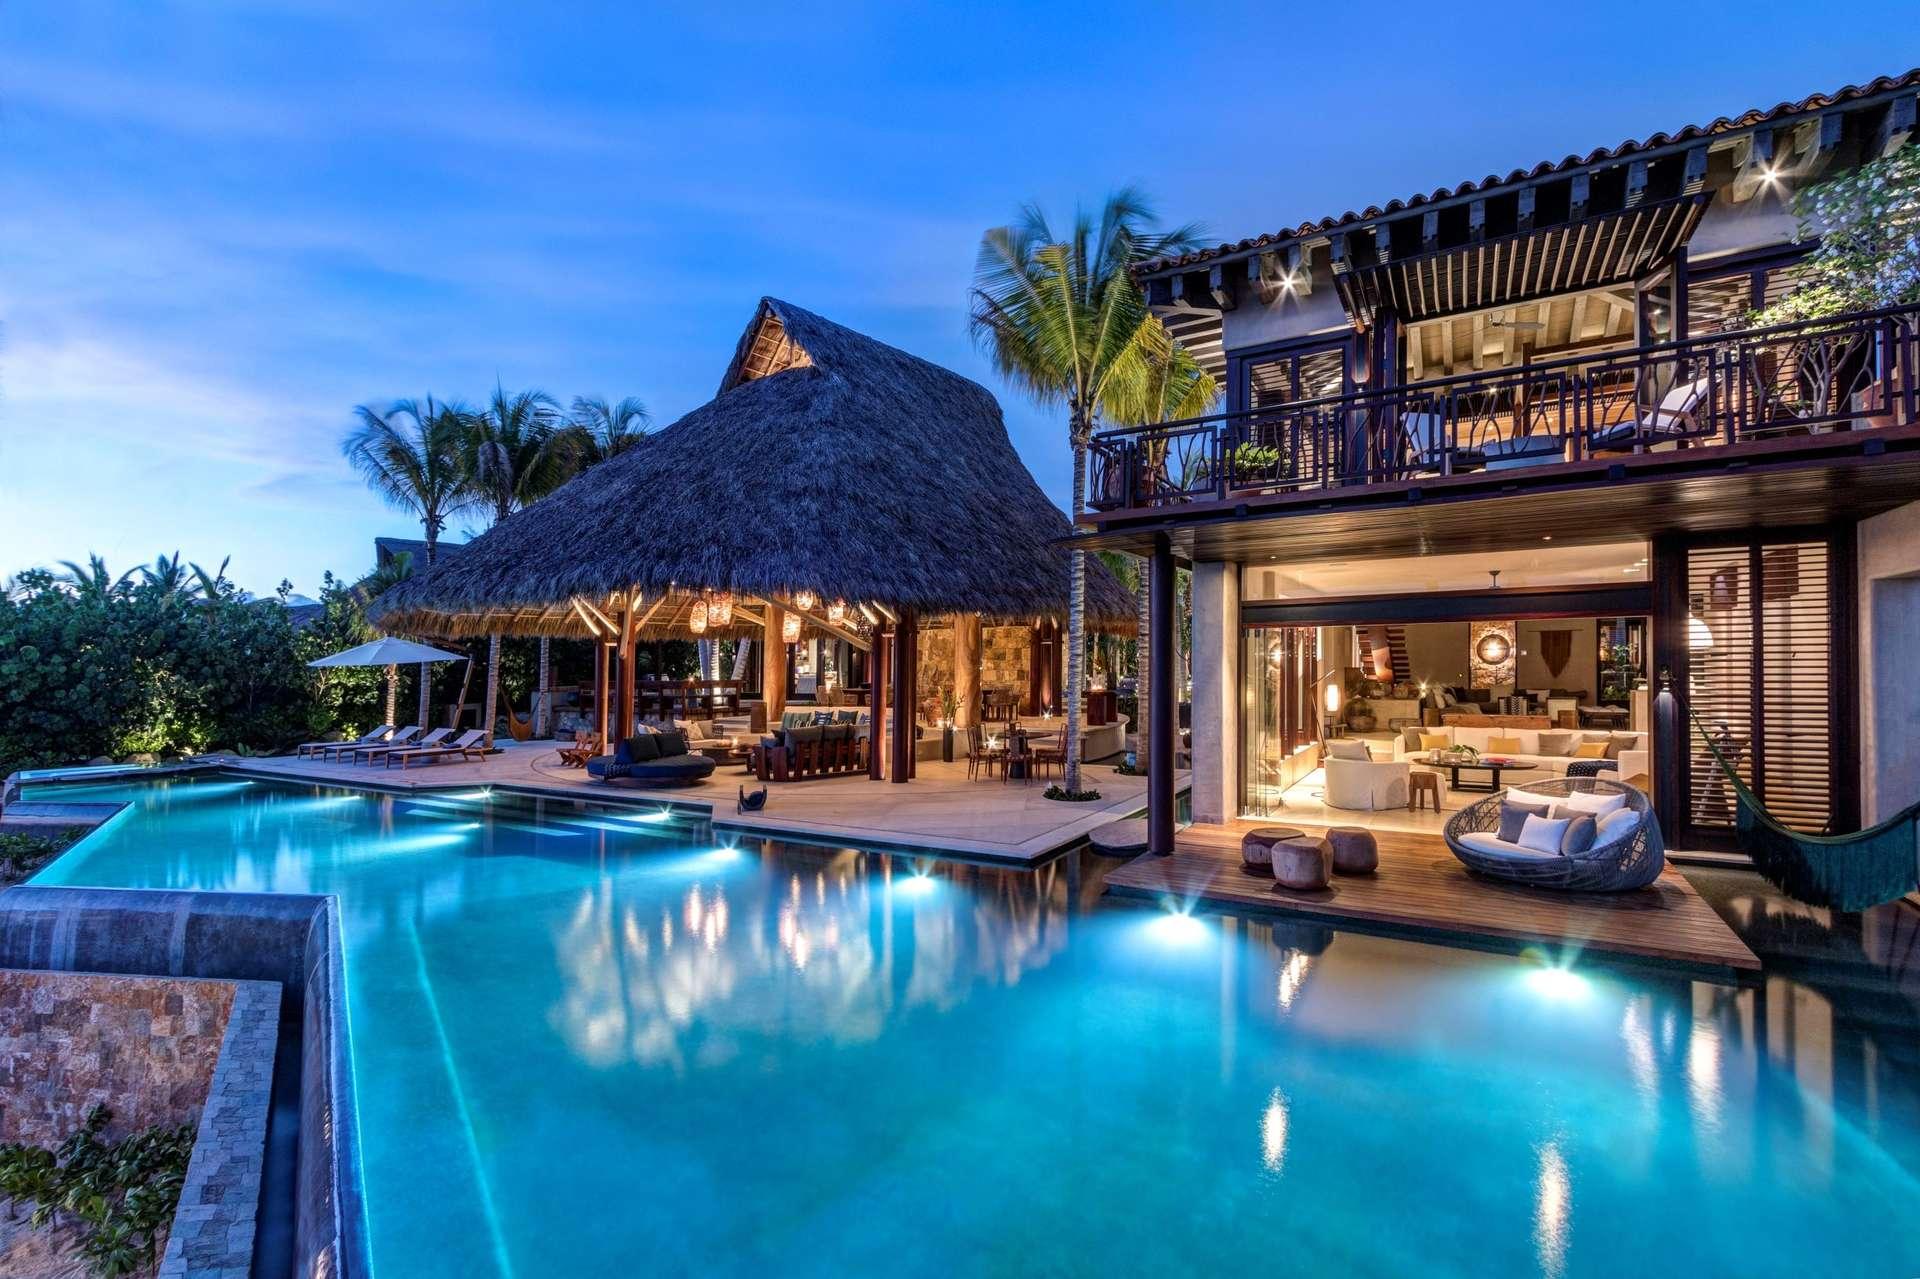 Luxury vacation rentals mexico - Punta mita - La punta estates - No location 4 - Estate Koko - Image 1/56